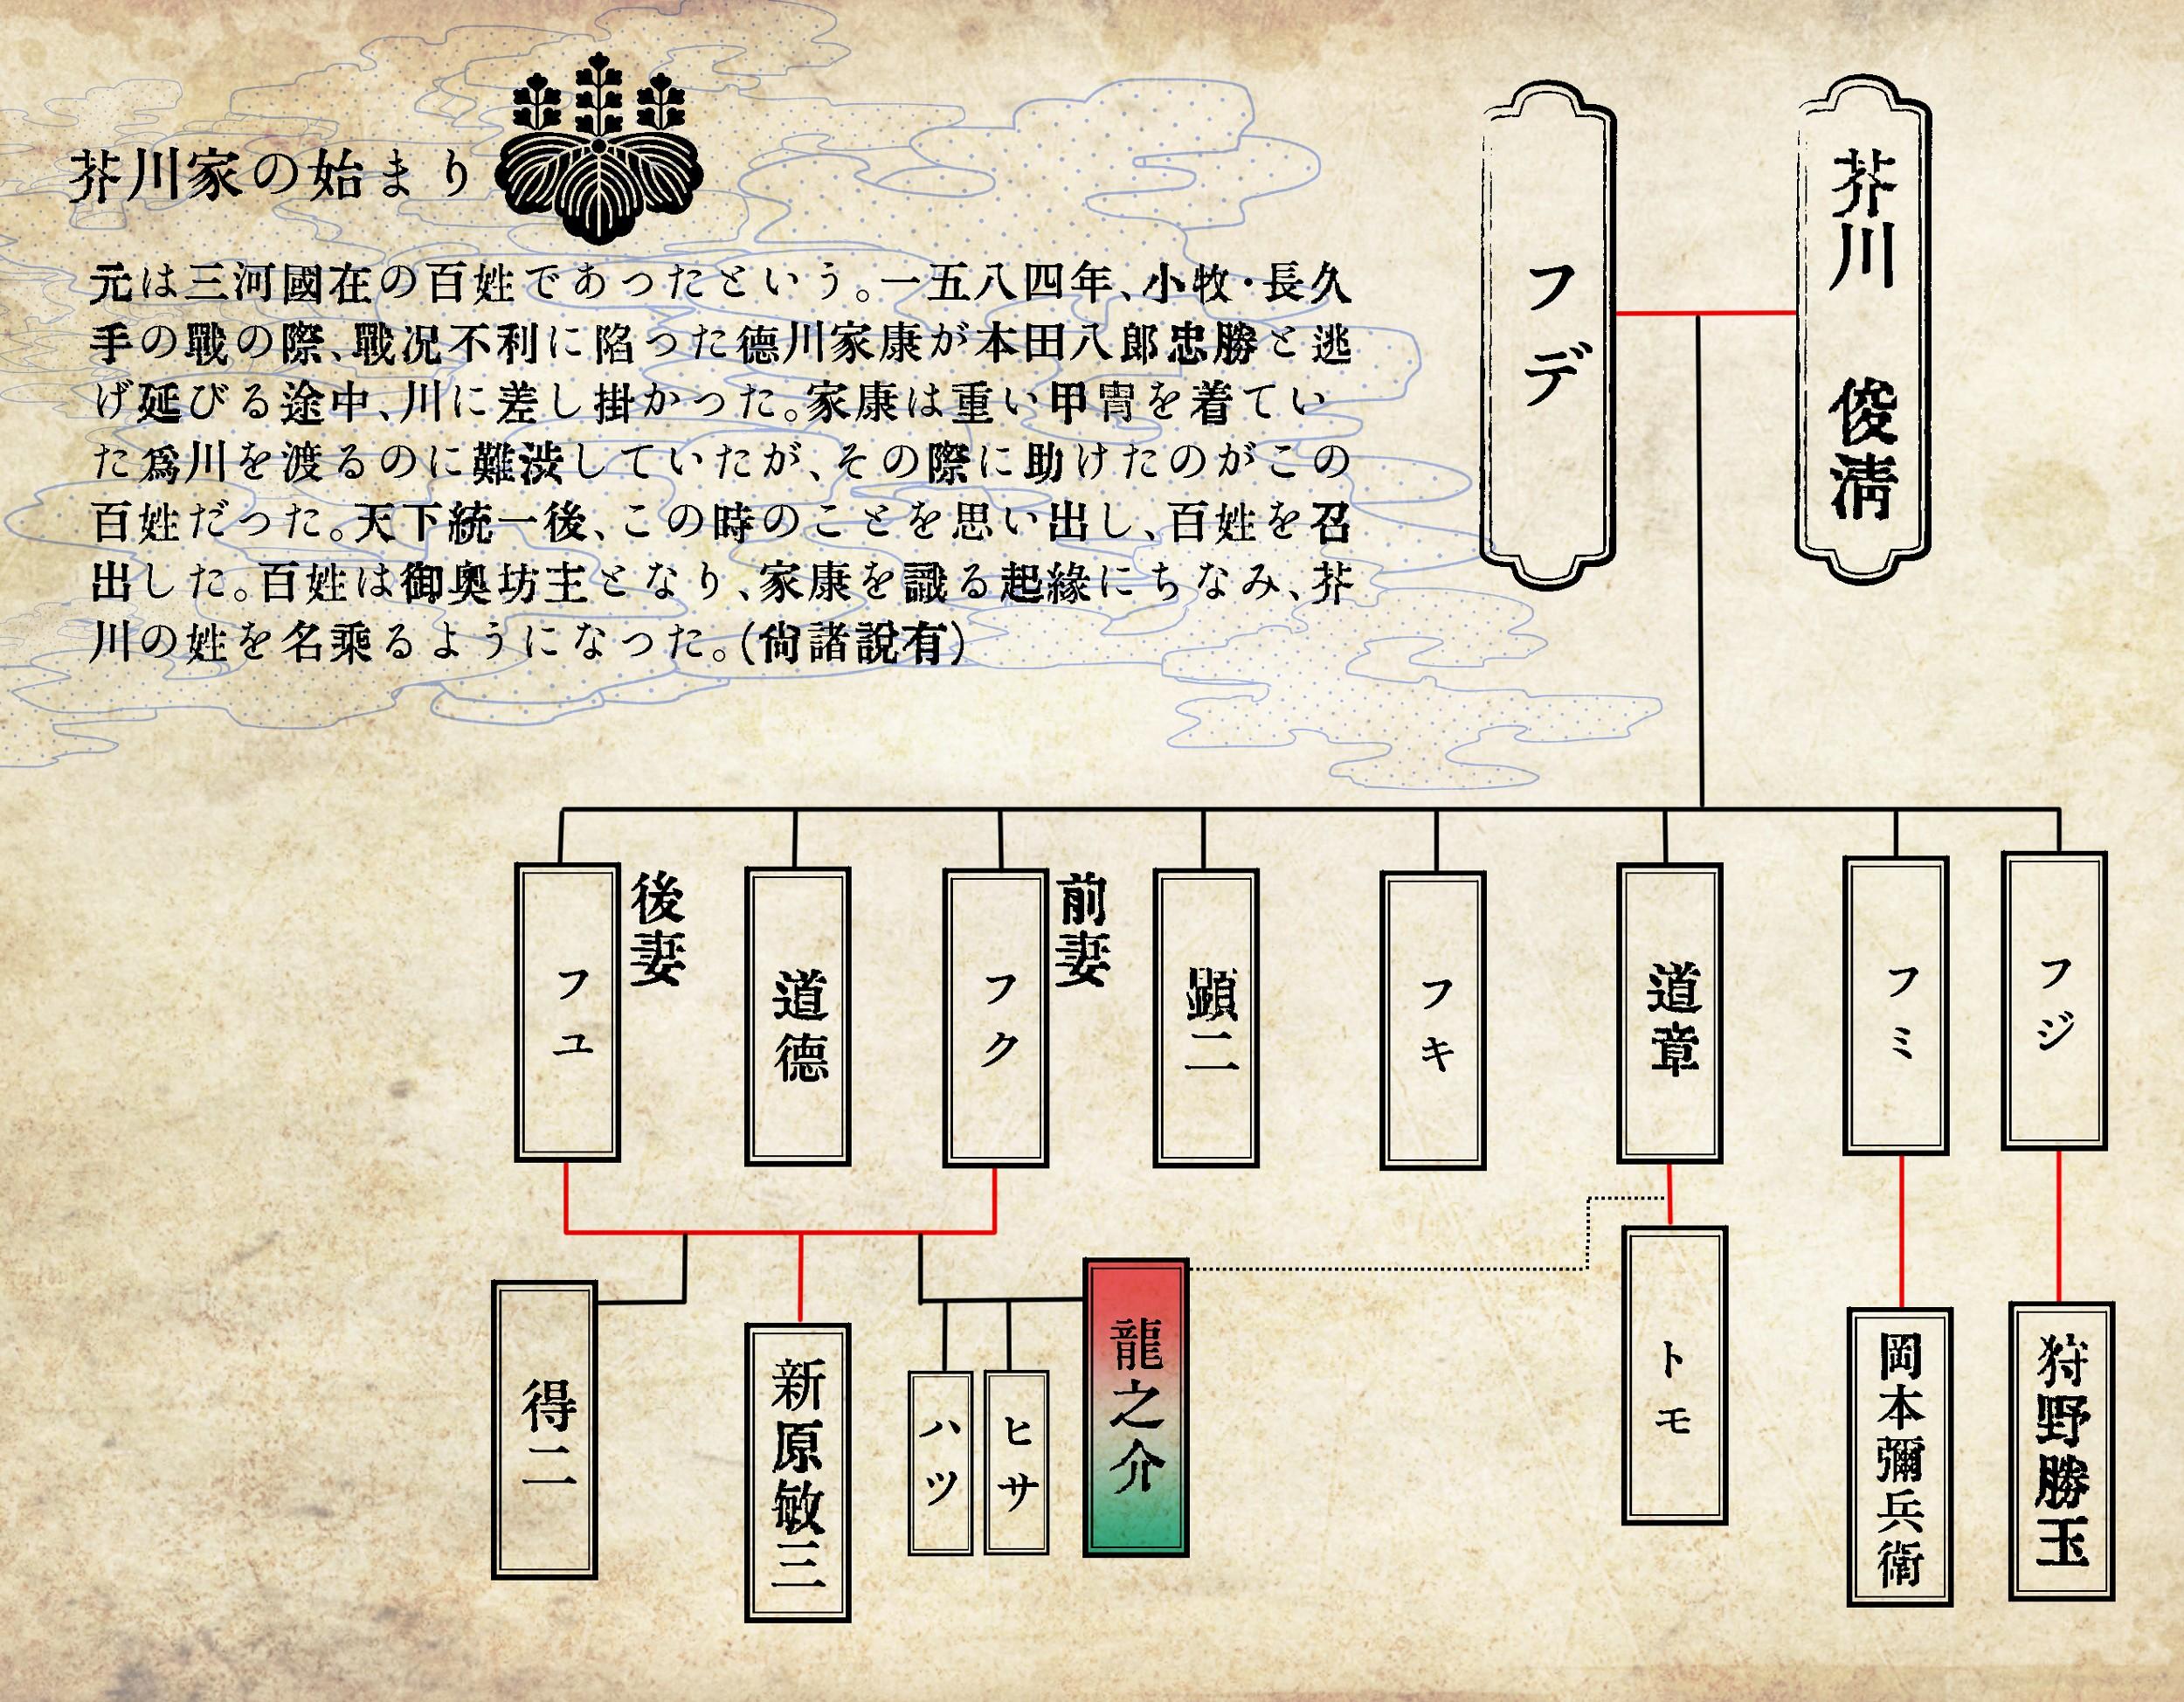 芥川龍之介覚書 その1